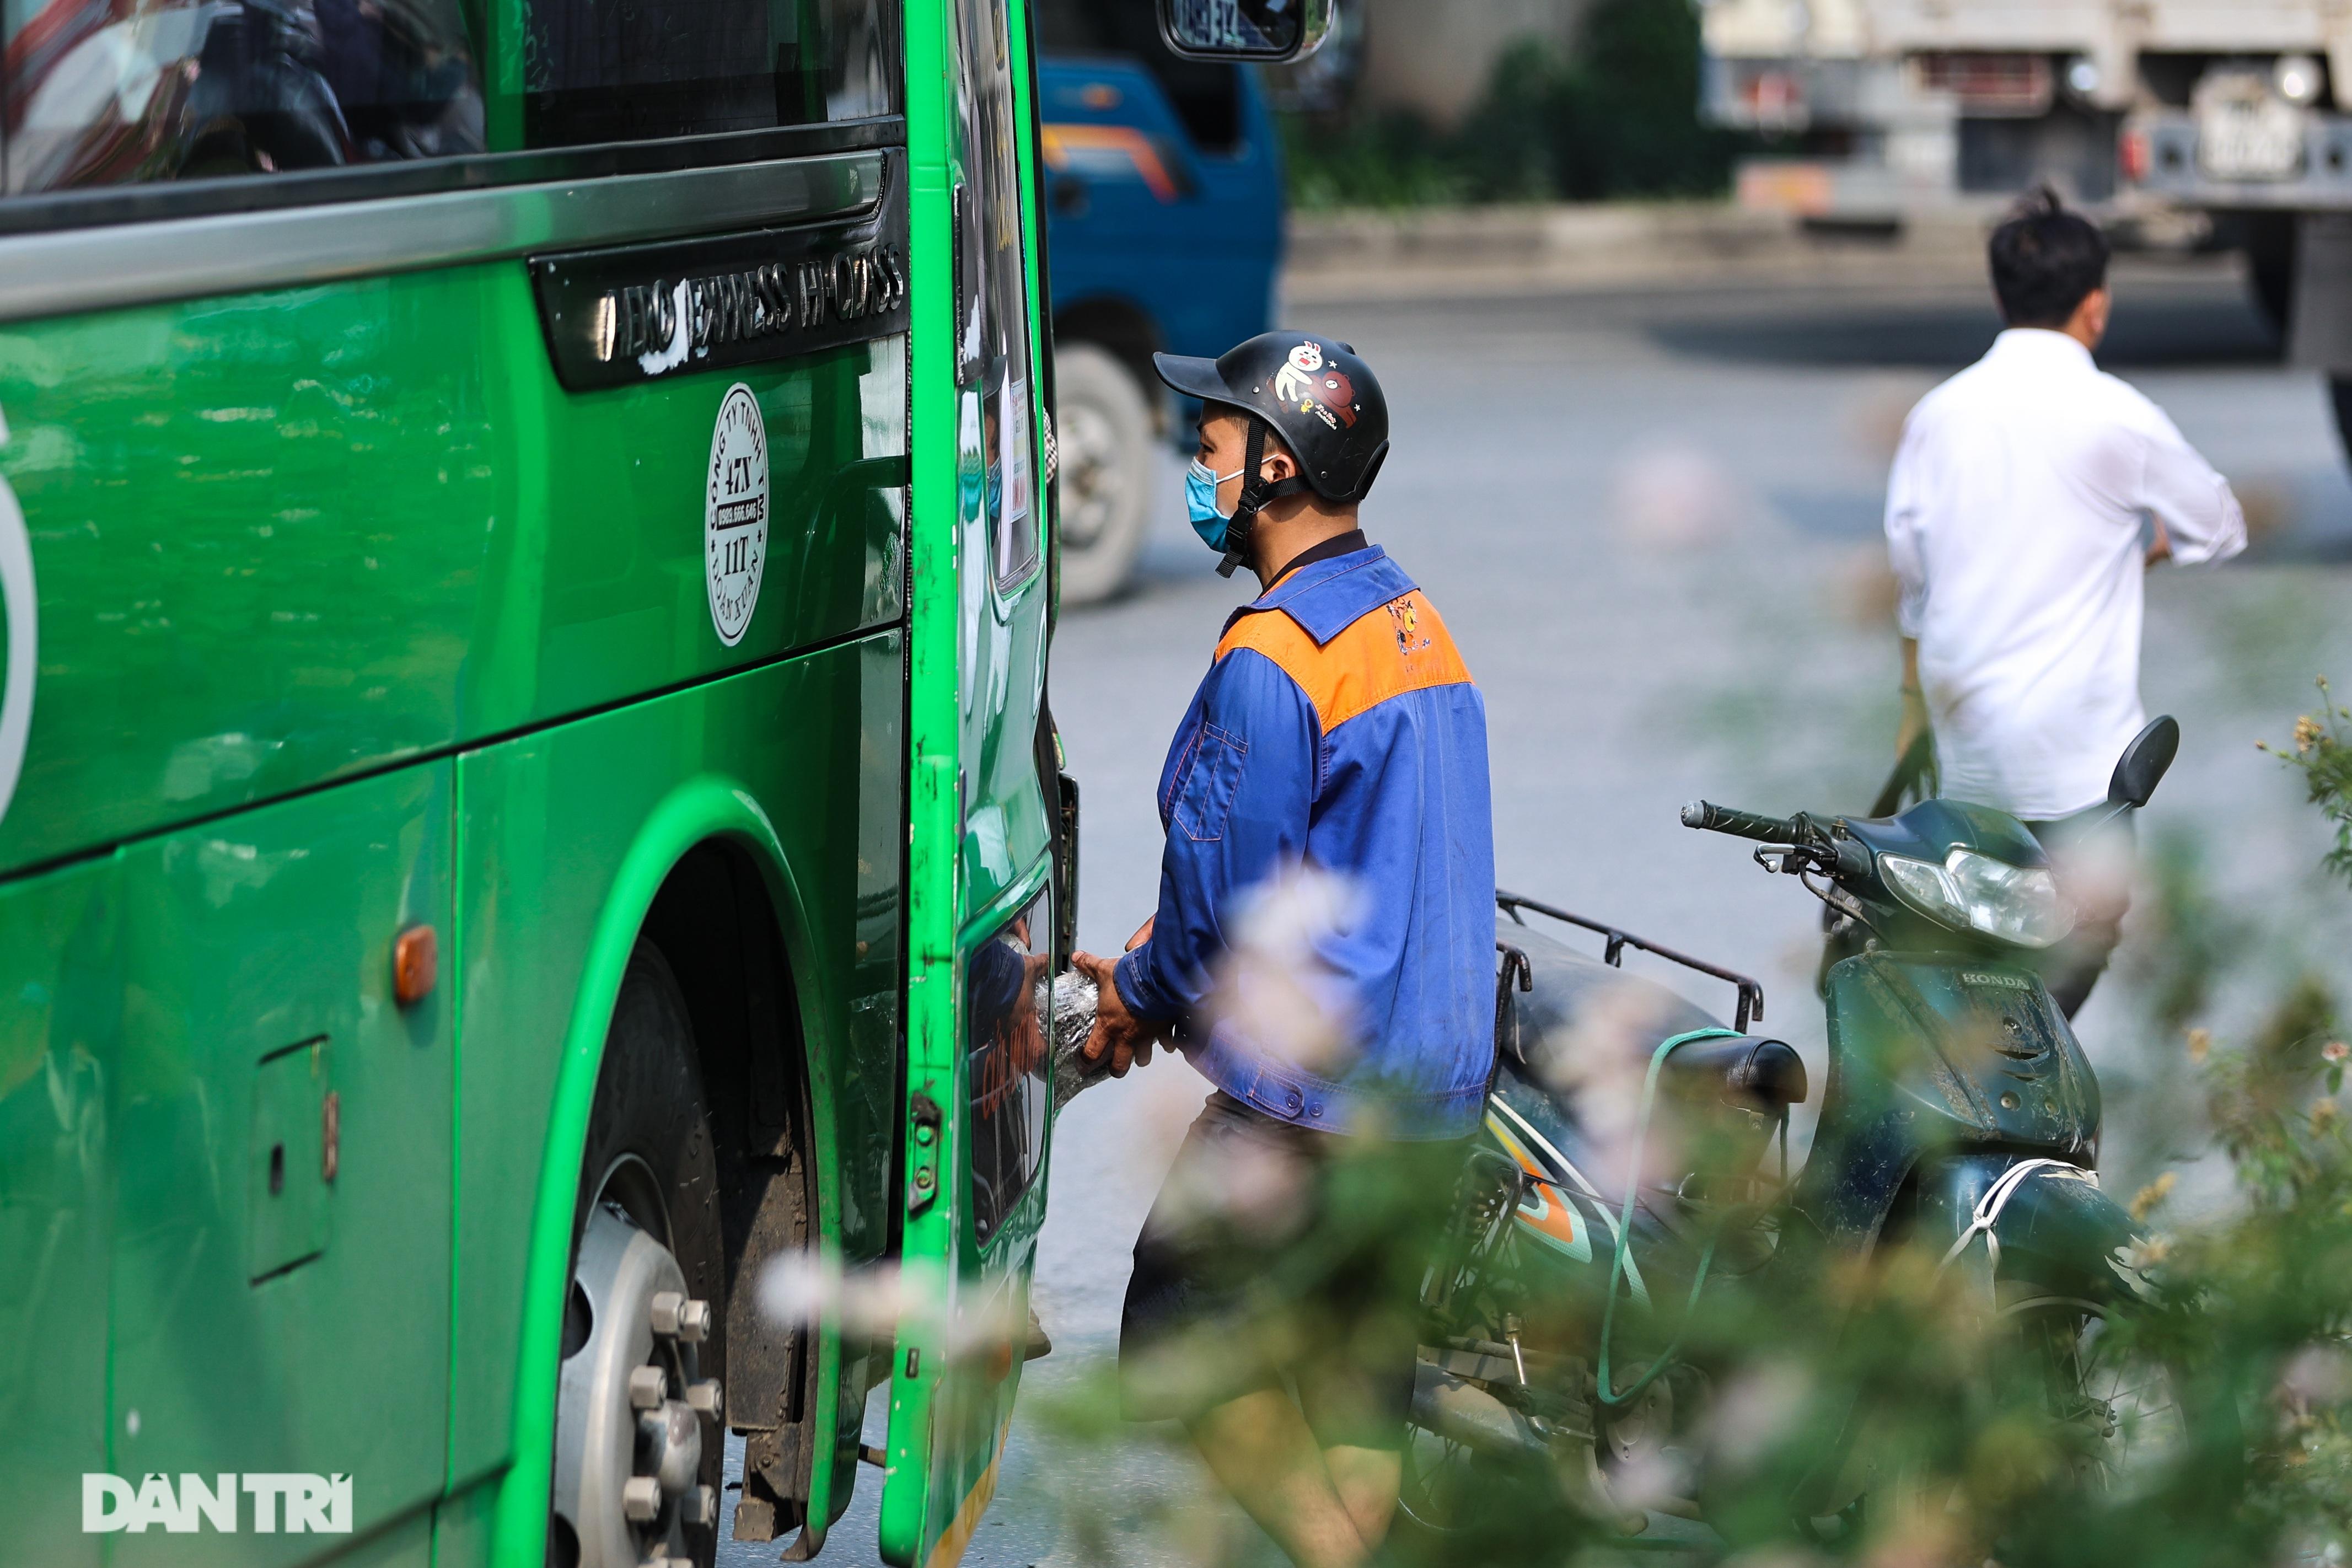 Hà Nội: Chim mồi bám CSGT và cú điện thoại mật báo tới nhà xe - 15